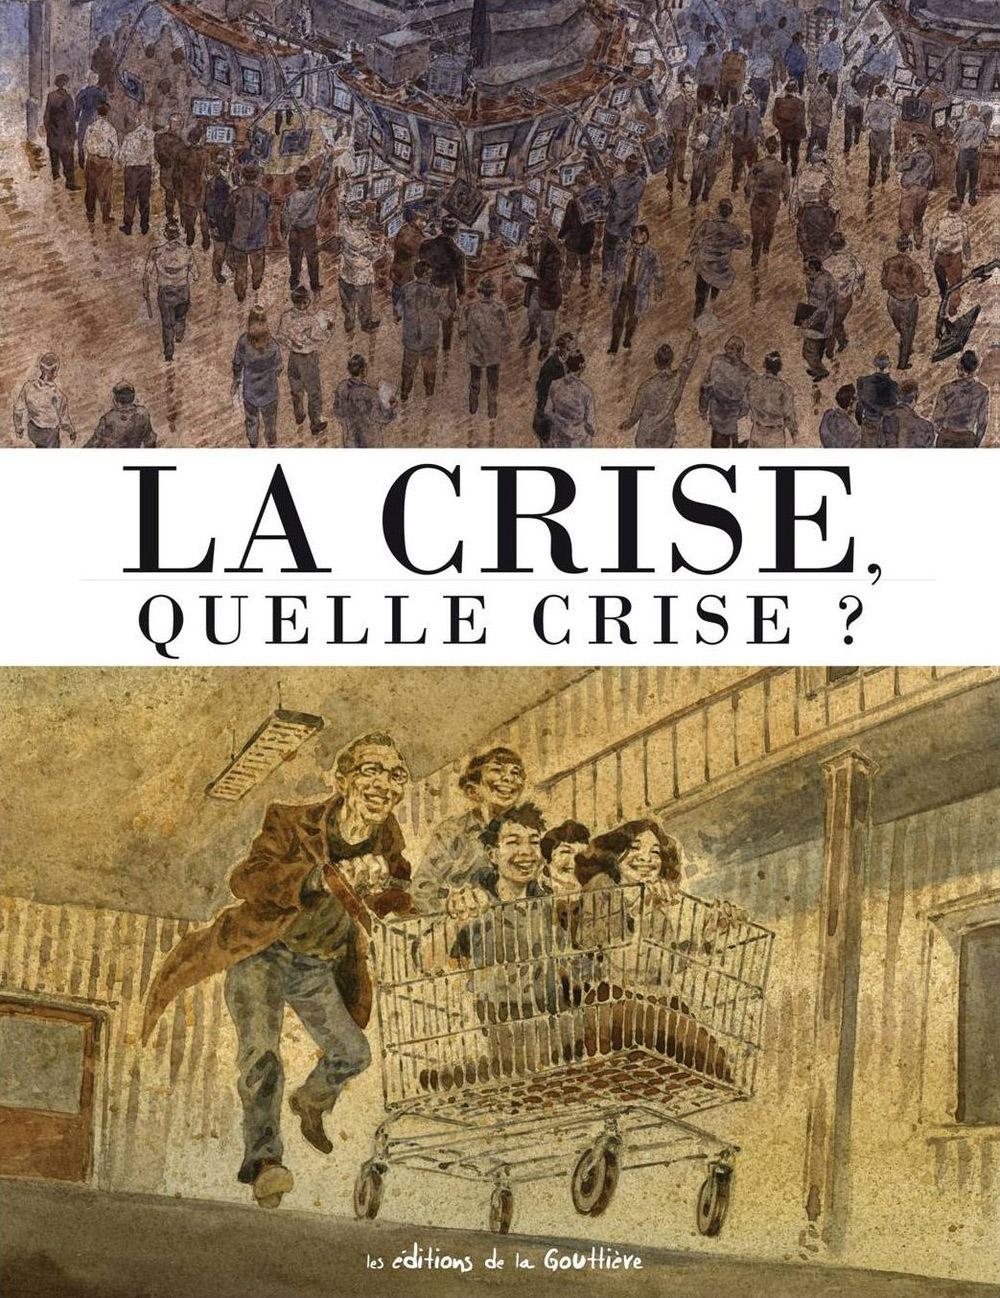 La crise, quelle crise ? 1